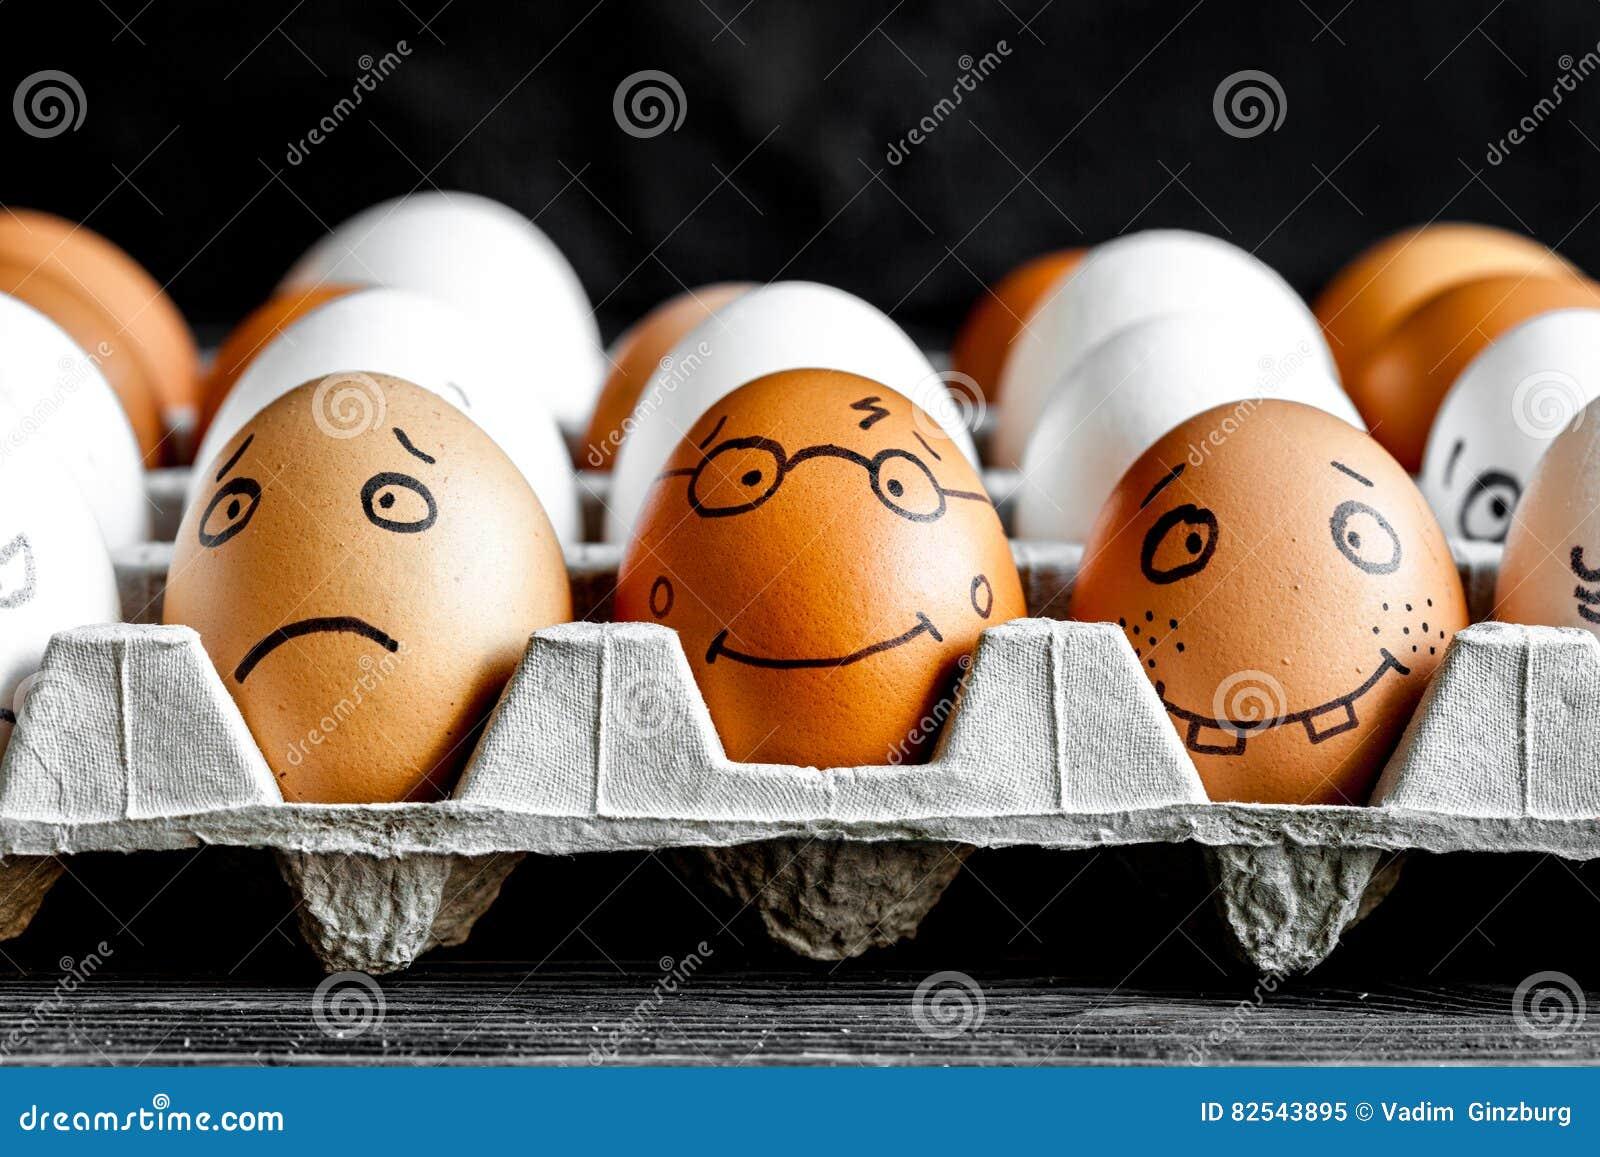 Κοινωνικές επικοινωνία και συγκινήσεις δικτύων έννοιας - χαμόγελο αυγών